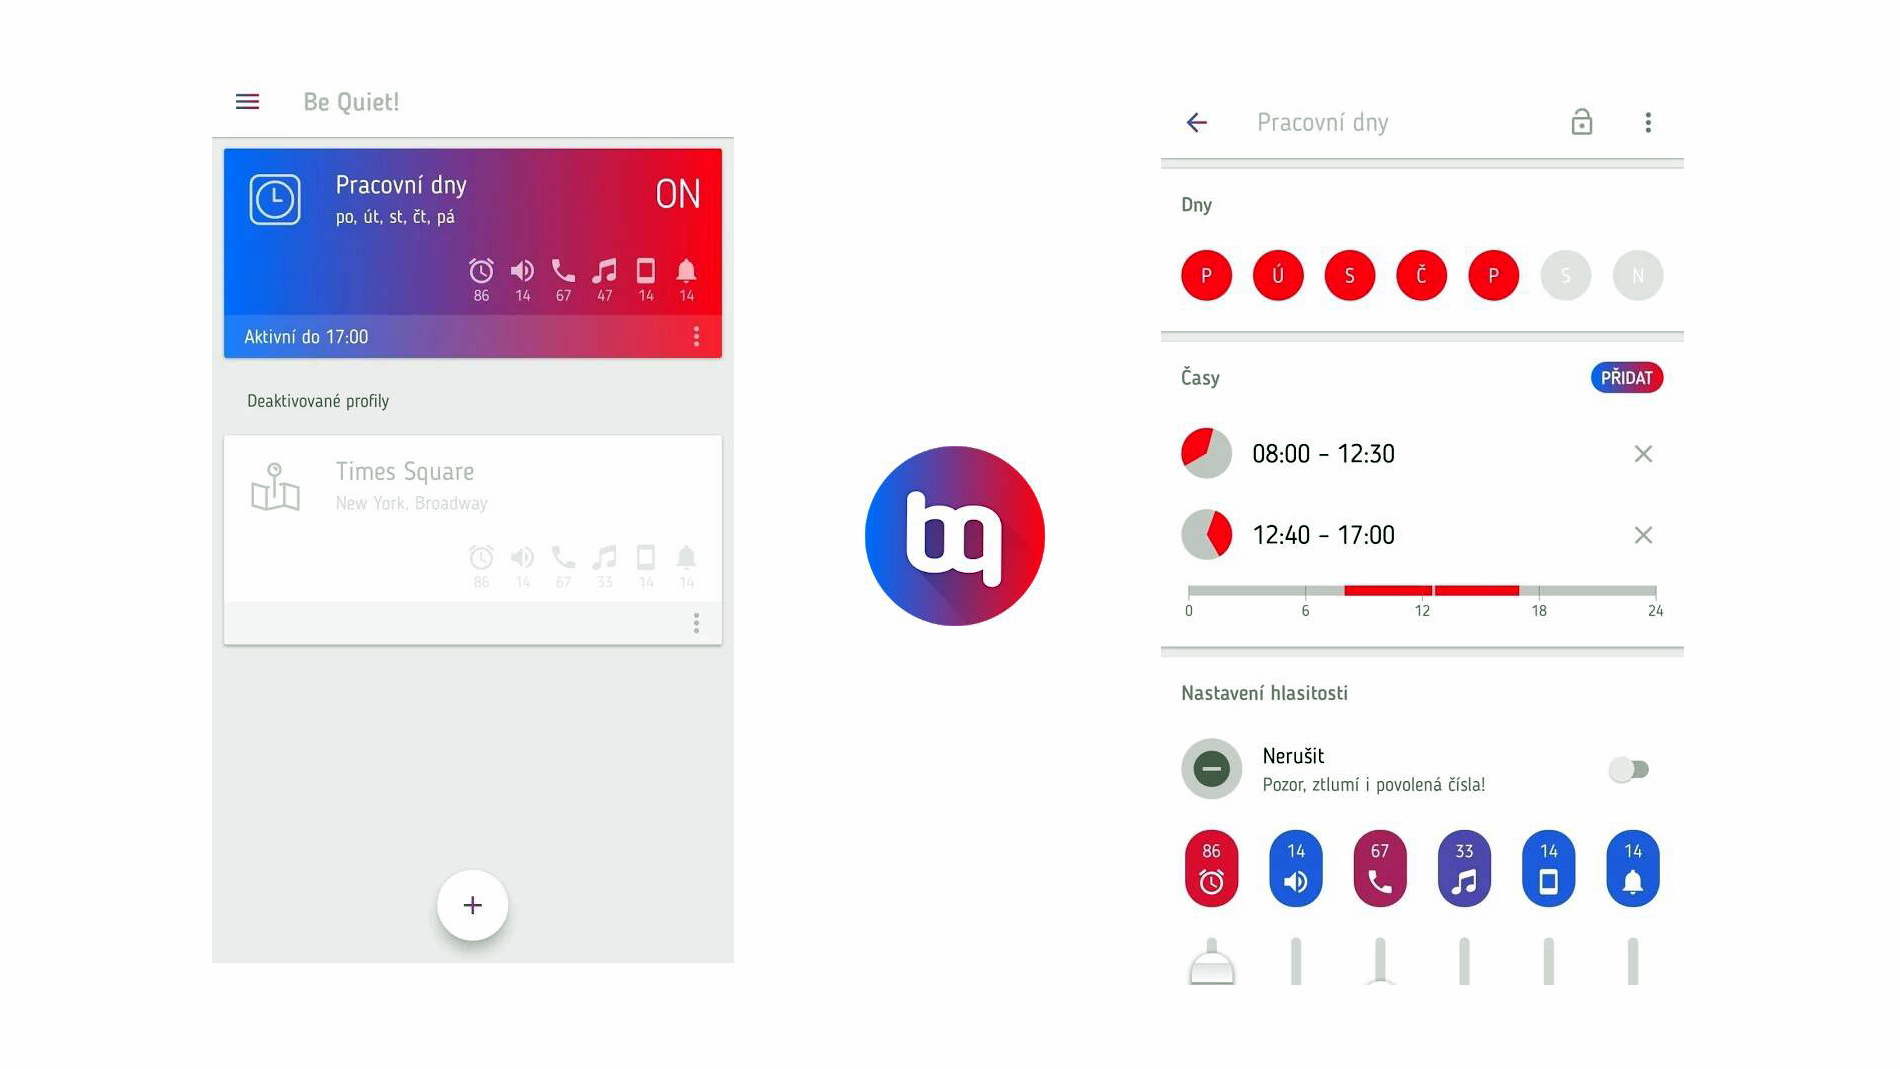 Aplikace Be Quiet! je nový manažer hlasitosti smartphonu